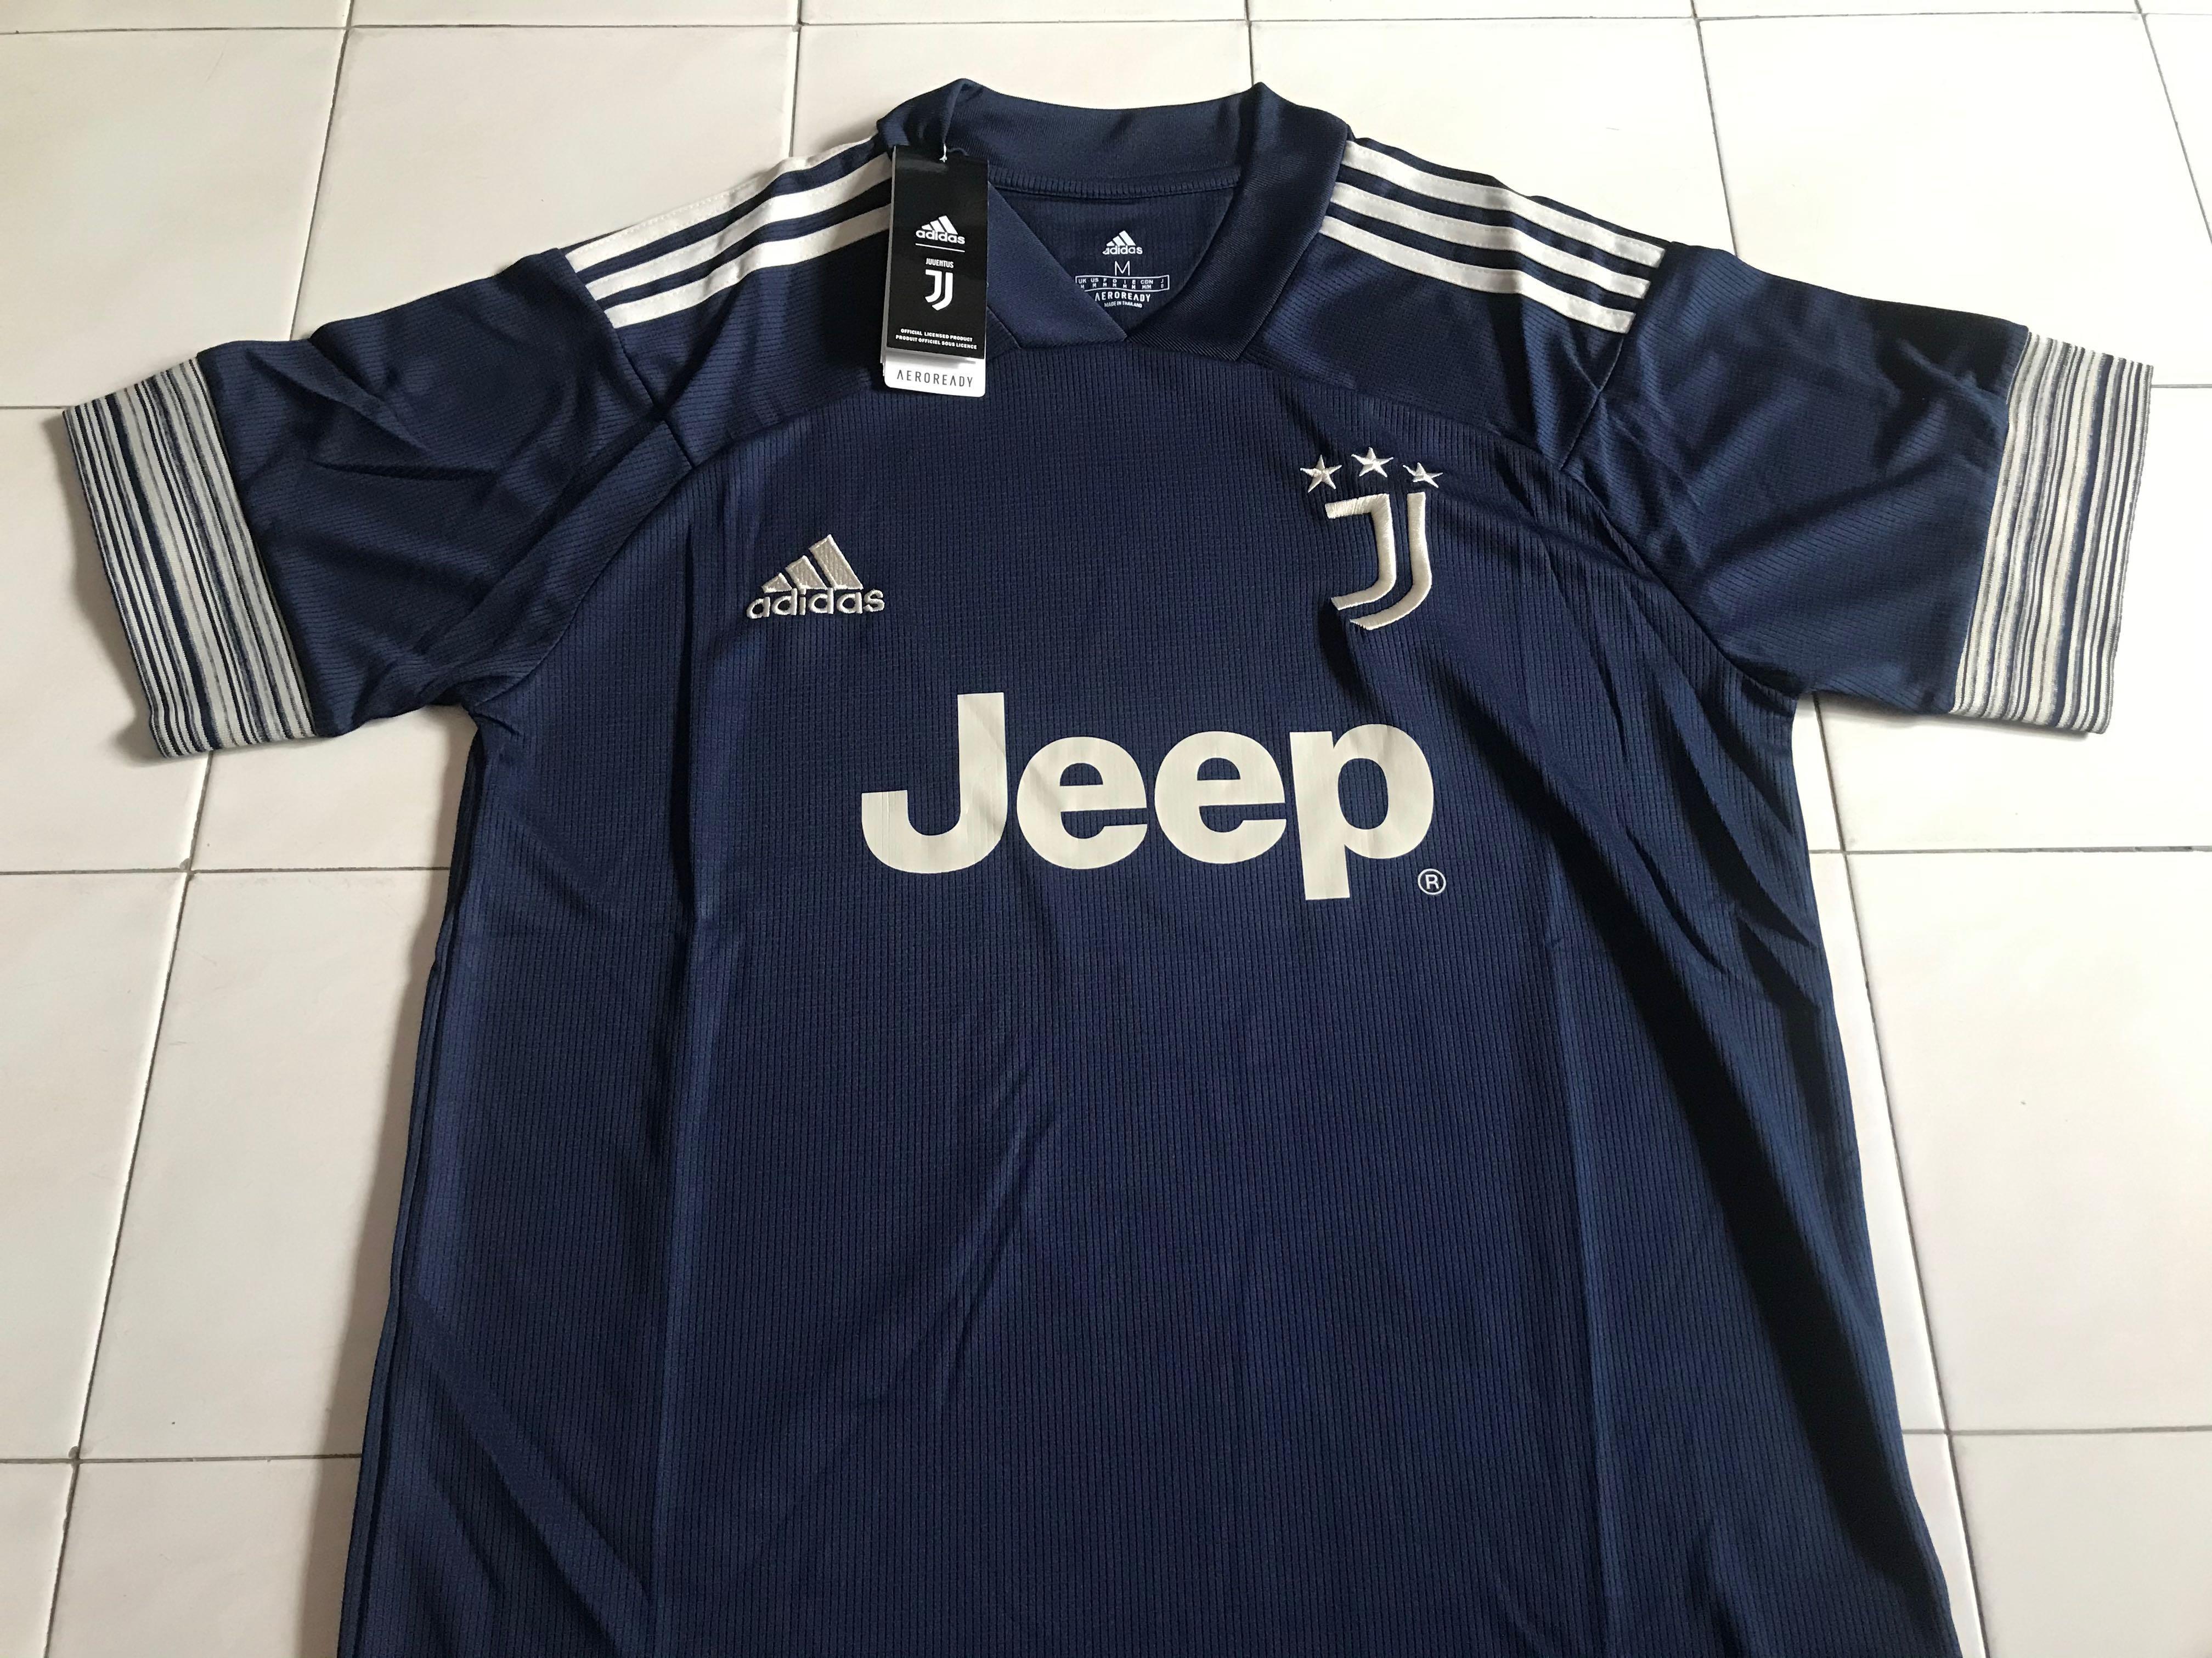 Juventus Away Jersey 20/21